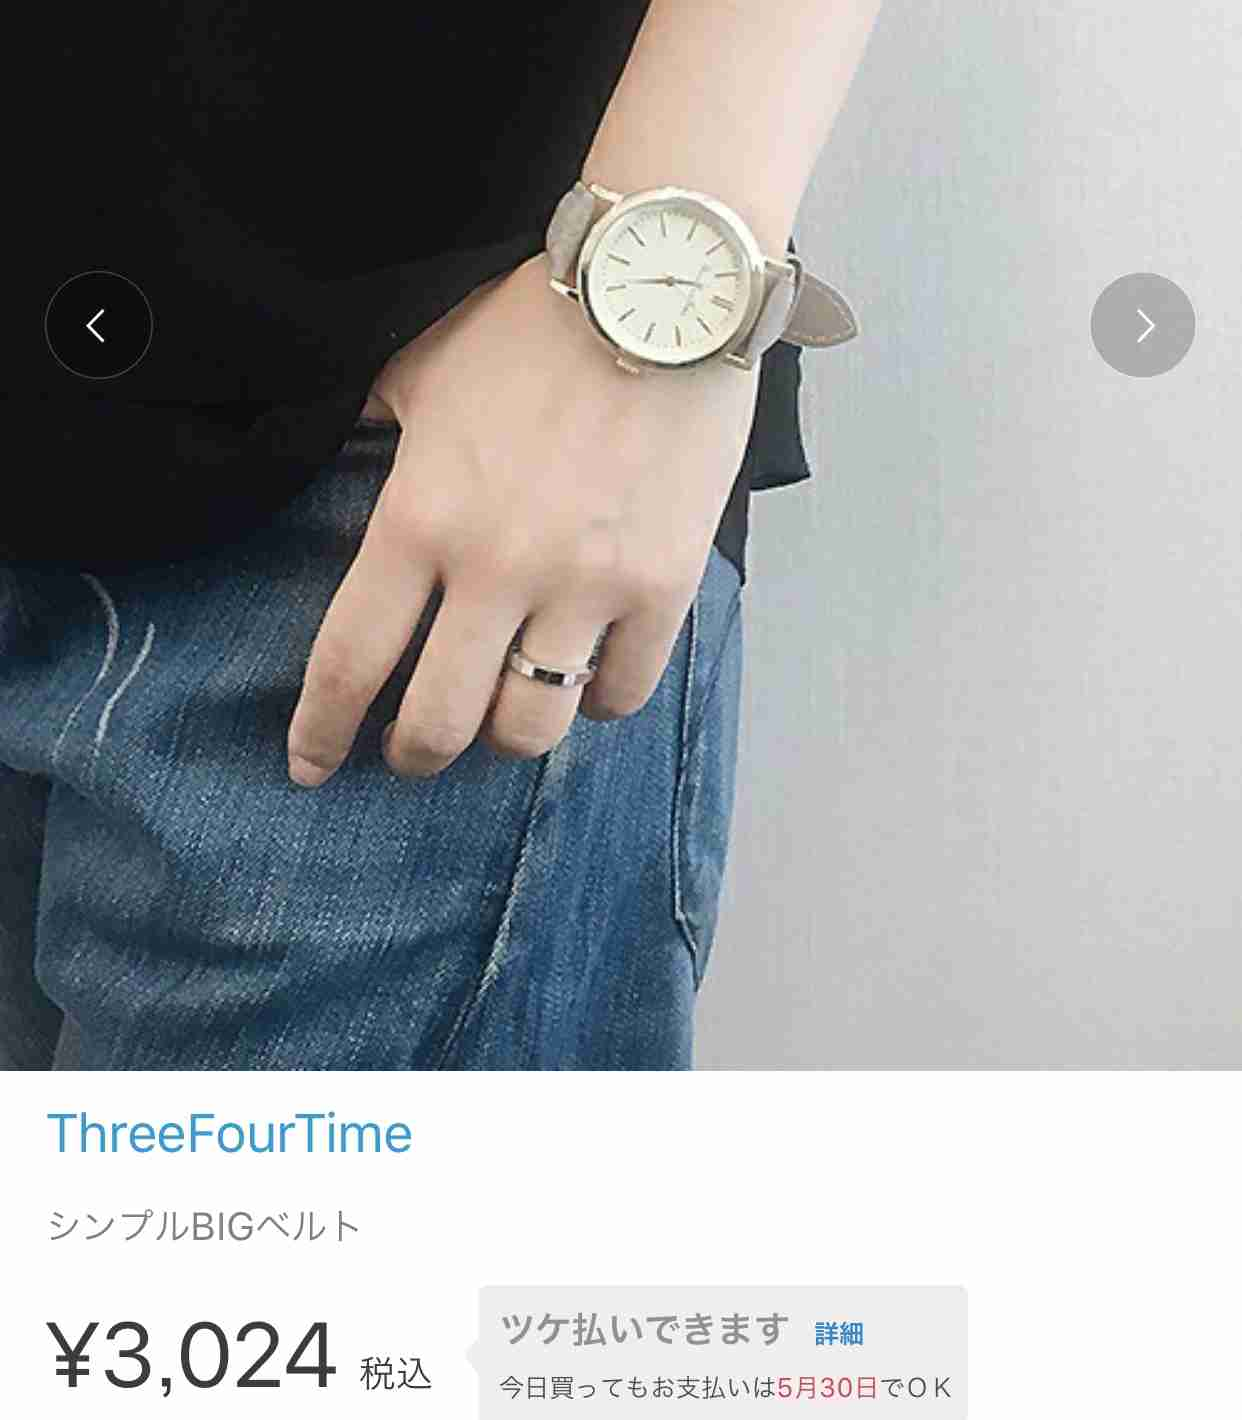 手頃で可愛い腕時計